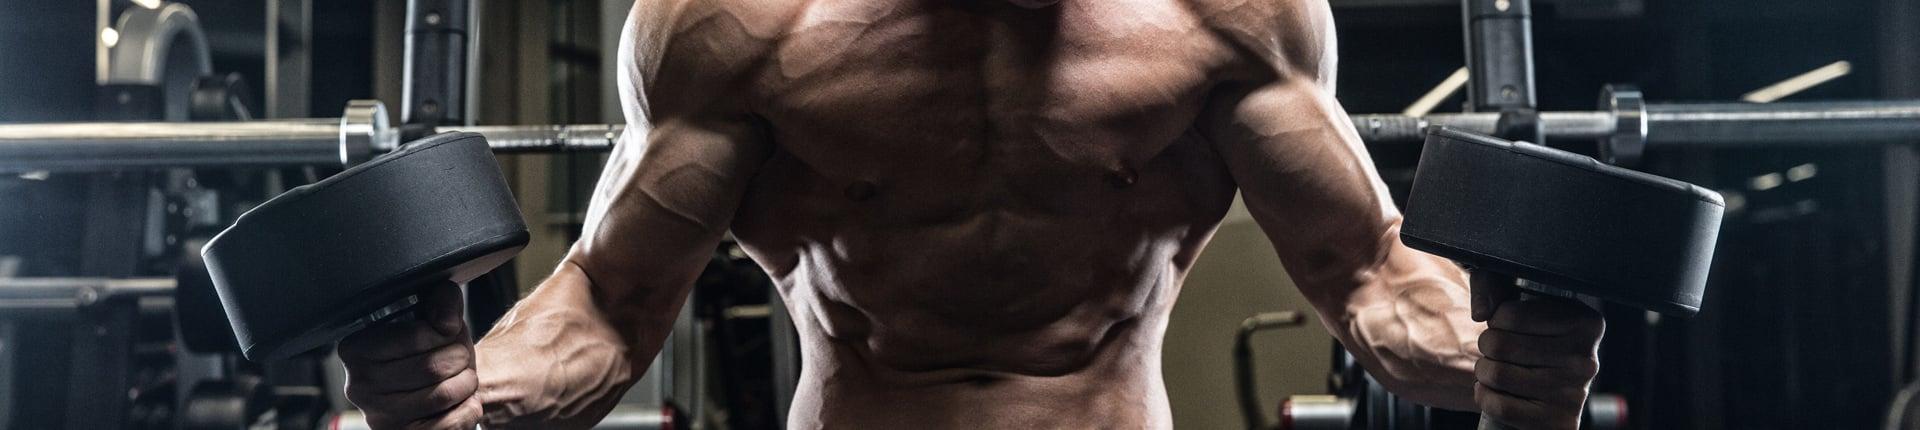 Czas napięcia mięśnia, jako sposób na wzrost masy mięśniowej